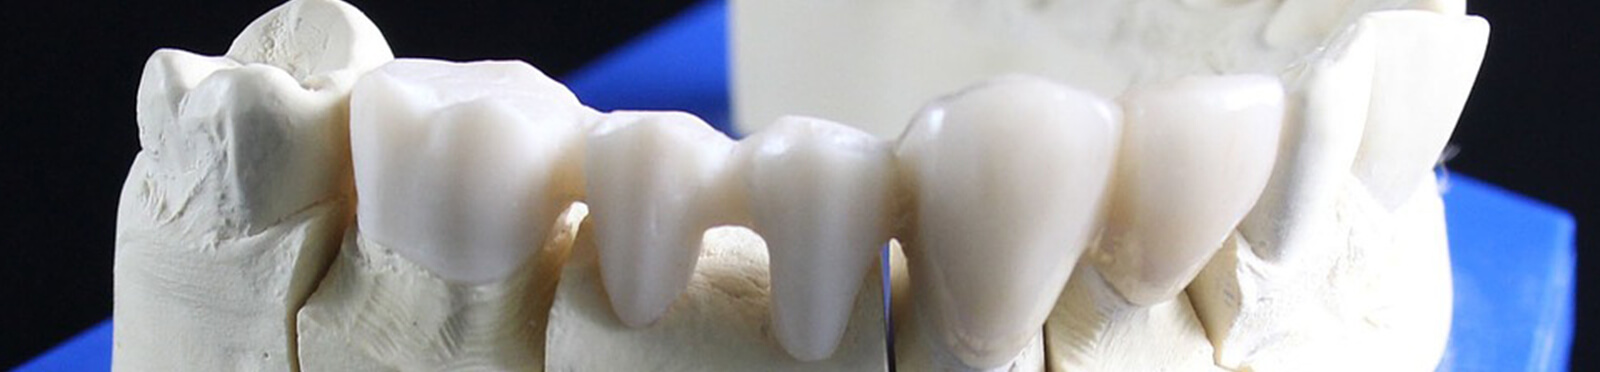 Feste Zähne mit Brücke - header image